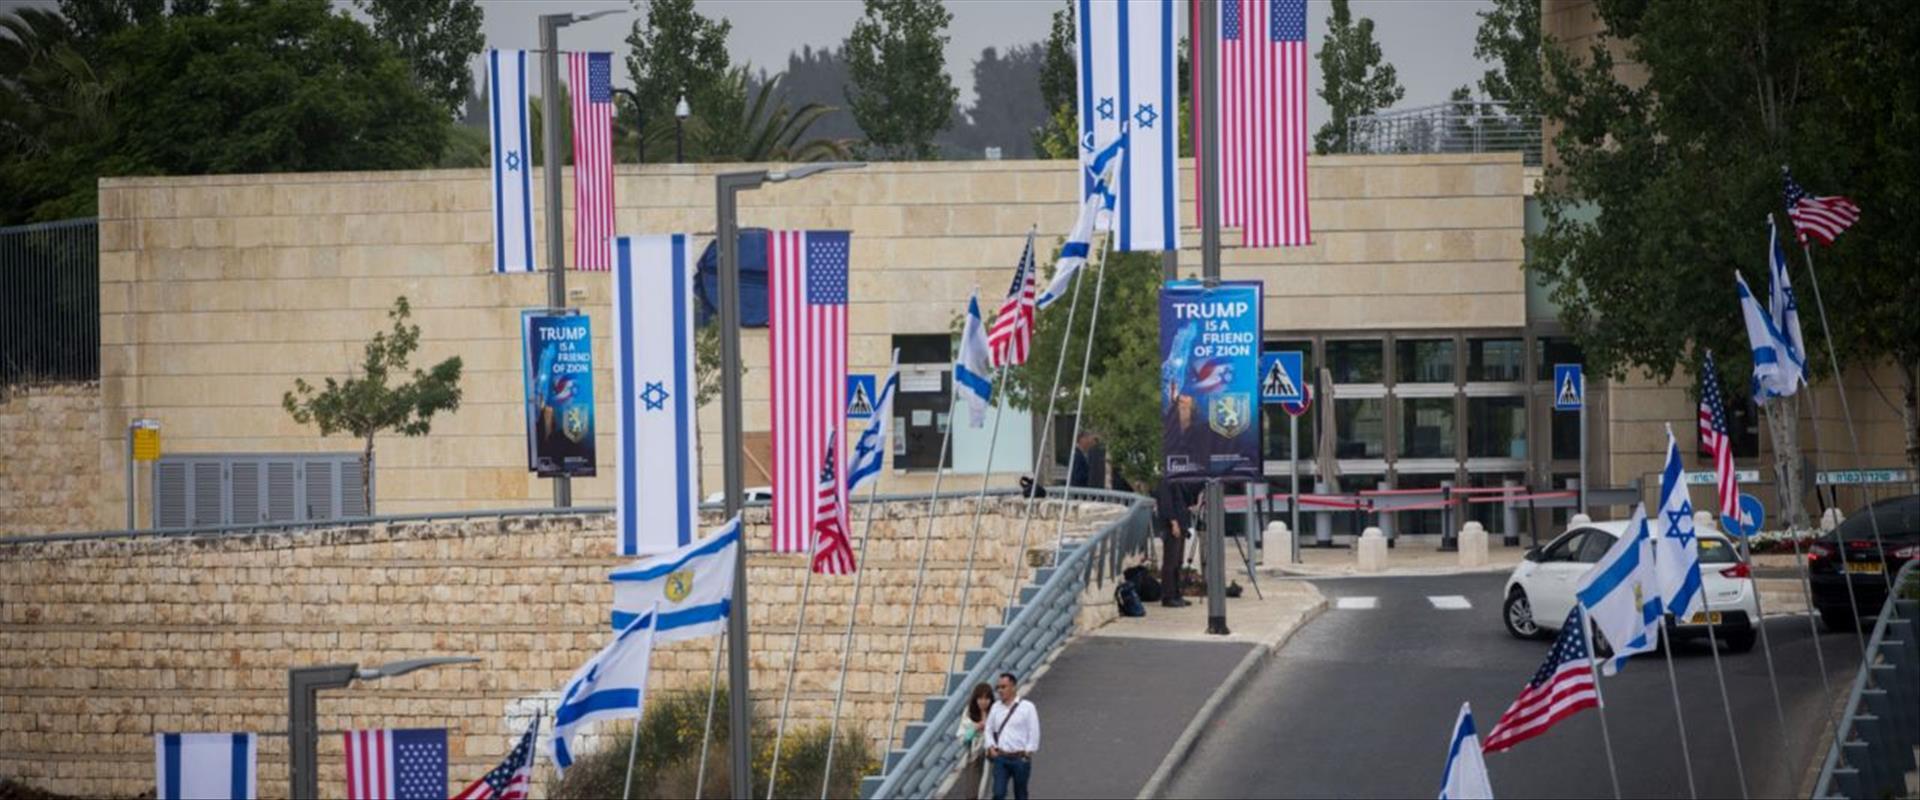 השגרירות האמריקנית בירושלים, ארכיון